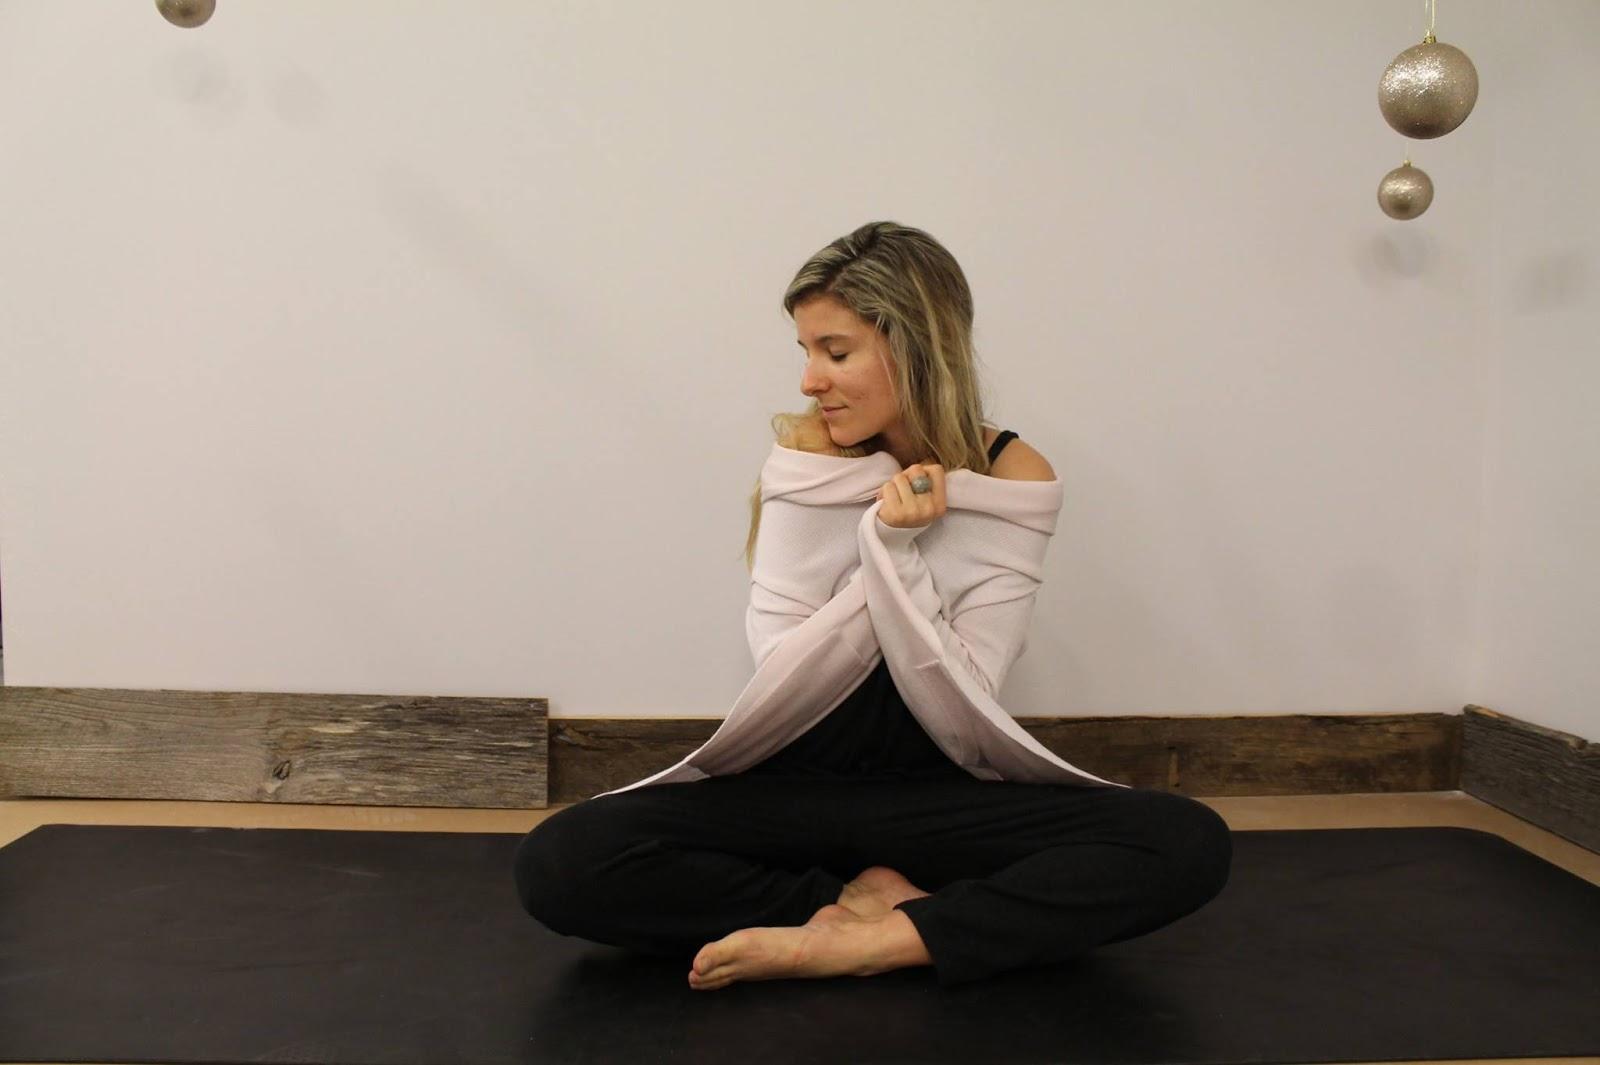 lululemon cabin yogi wrap